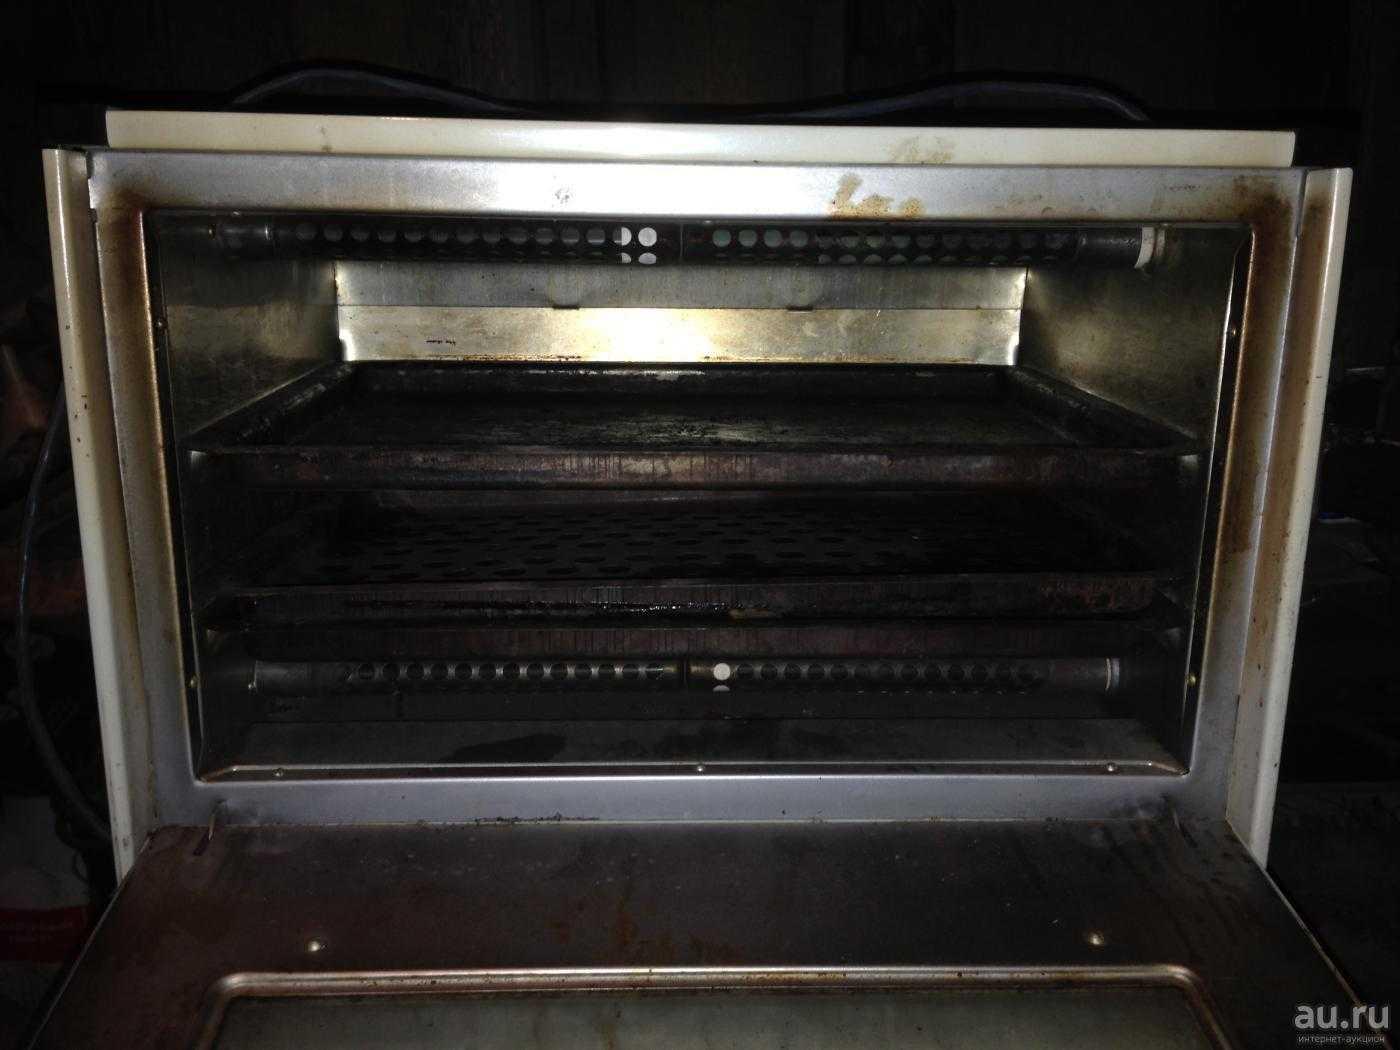 Духовой шкаф электрический встраиваемый: какой лучше, отзывы